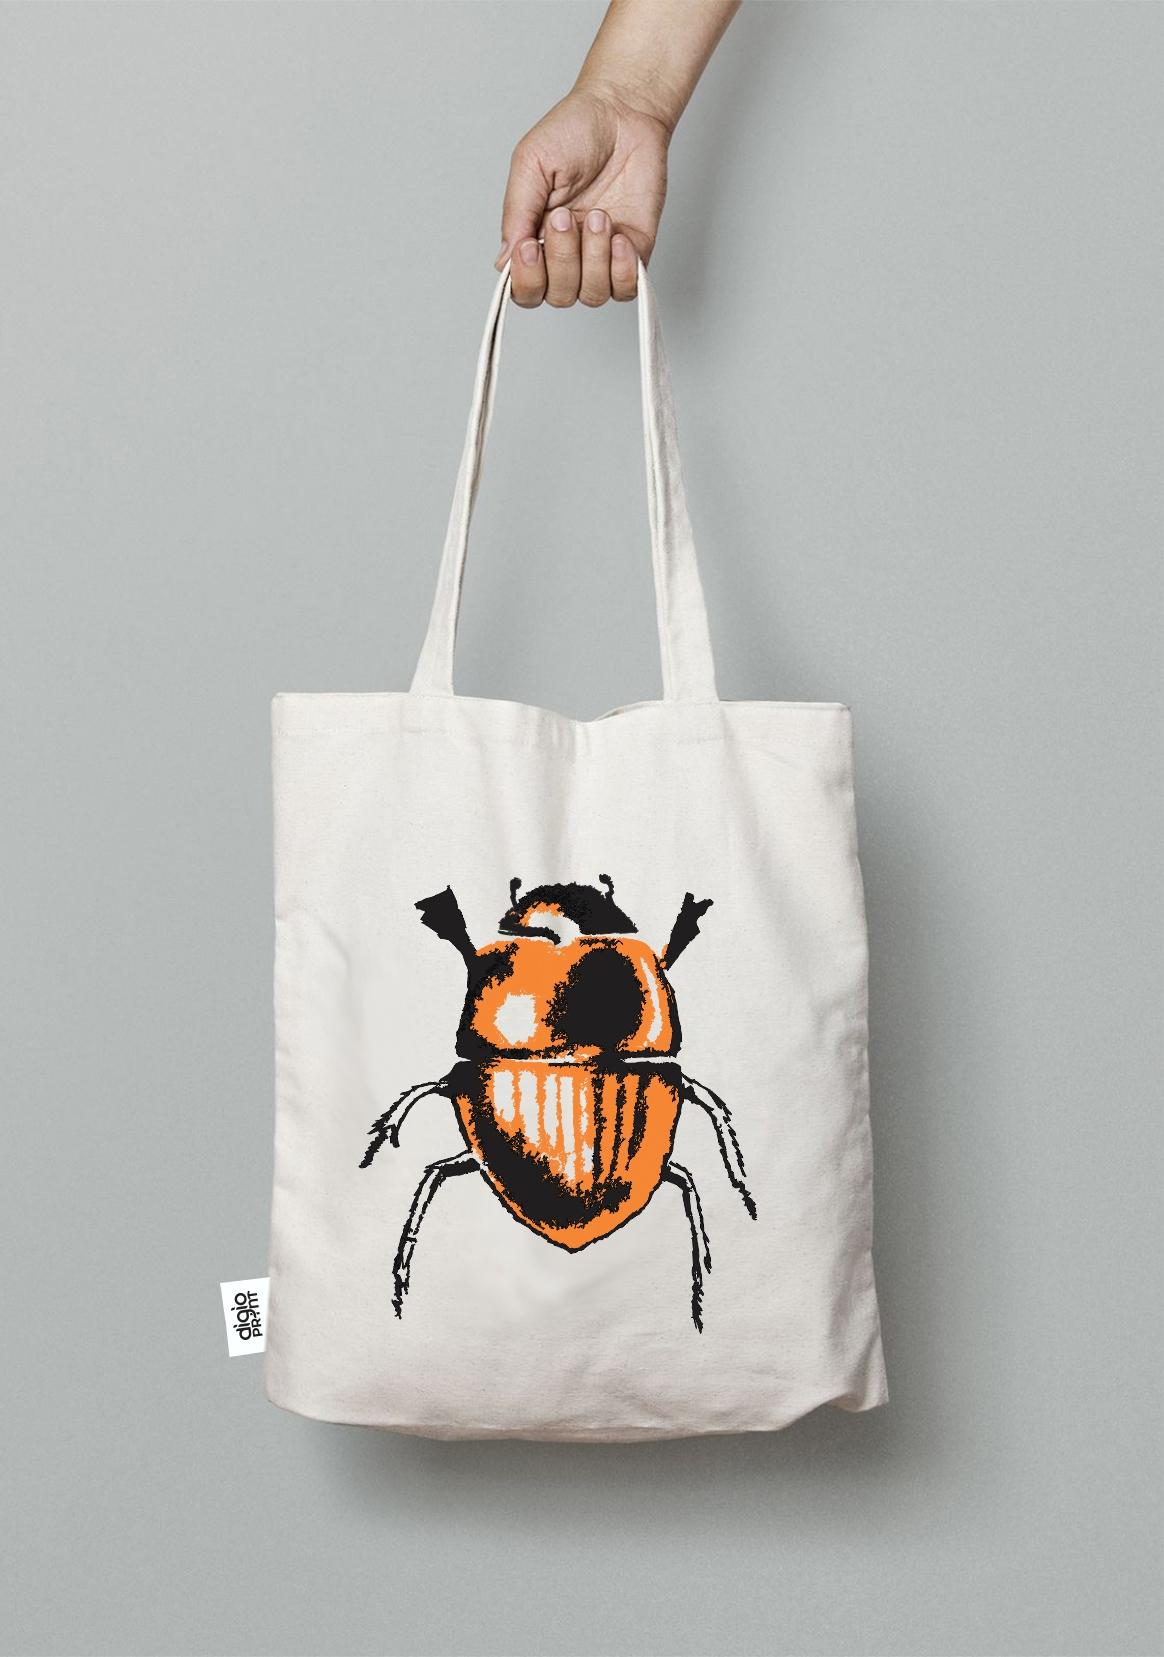 Beetles single tote bag